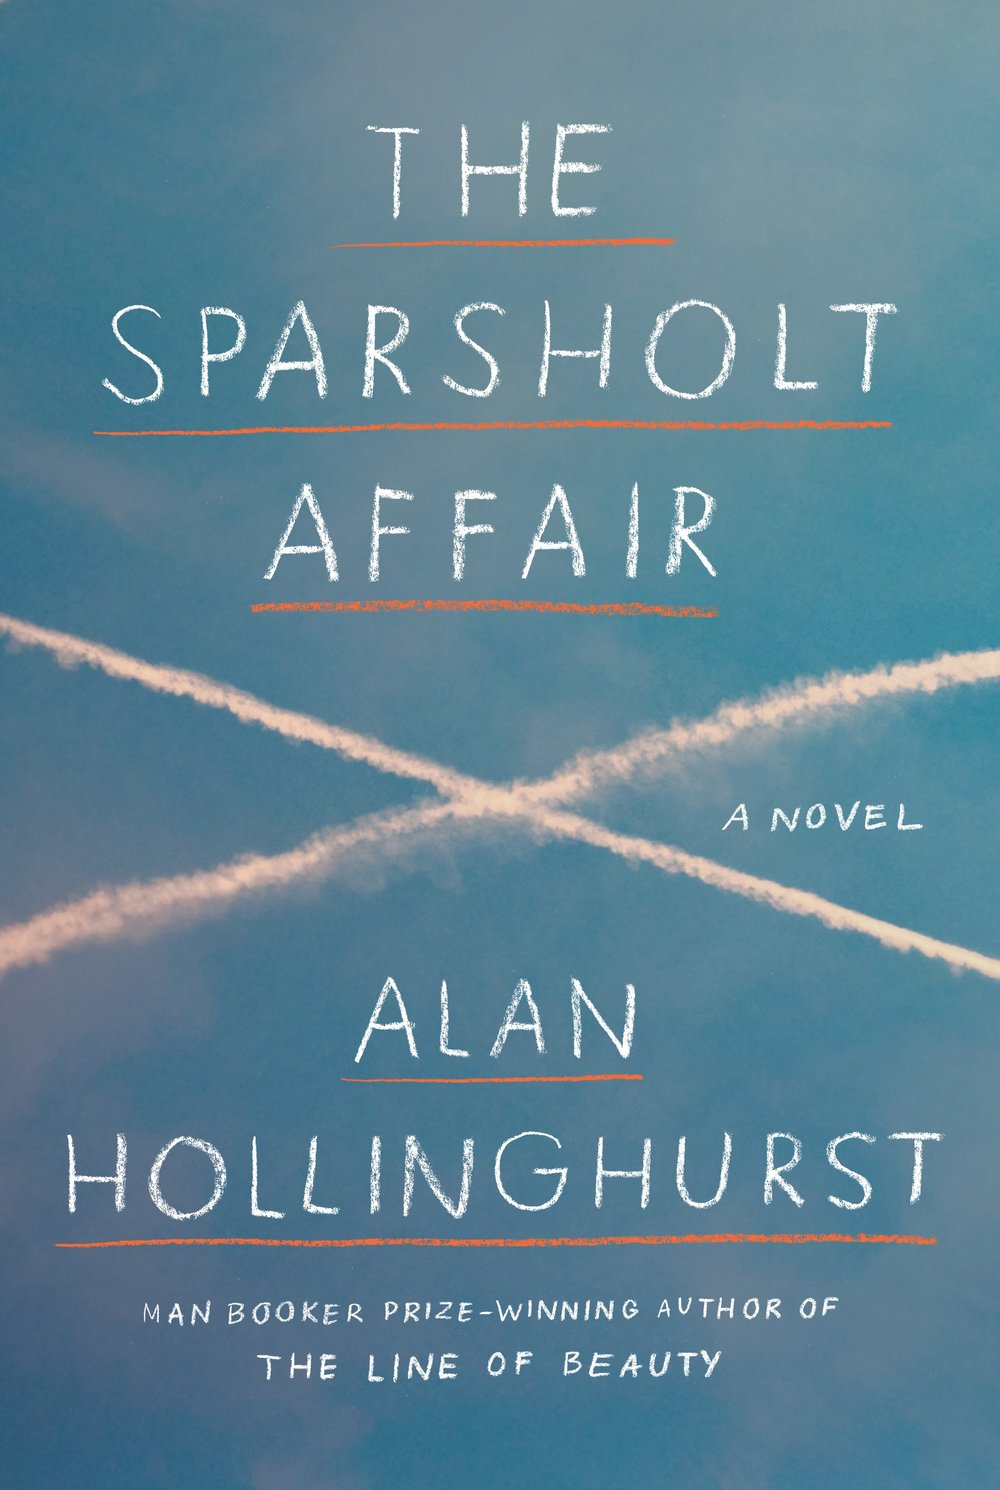 sparsholt cover.jpg